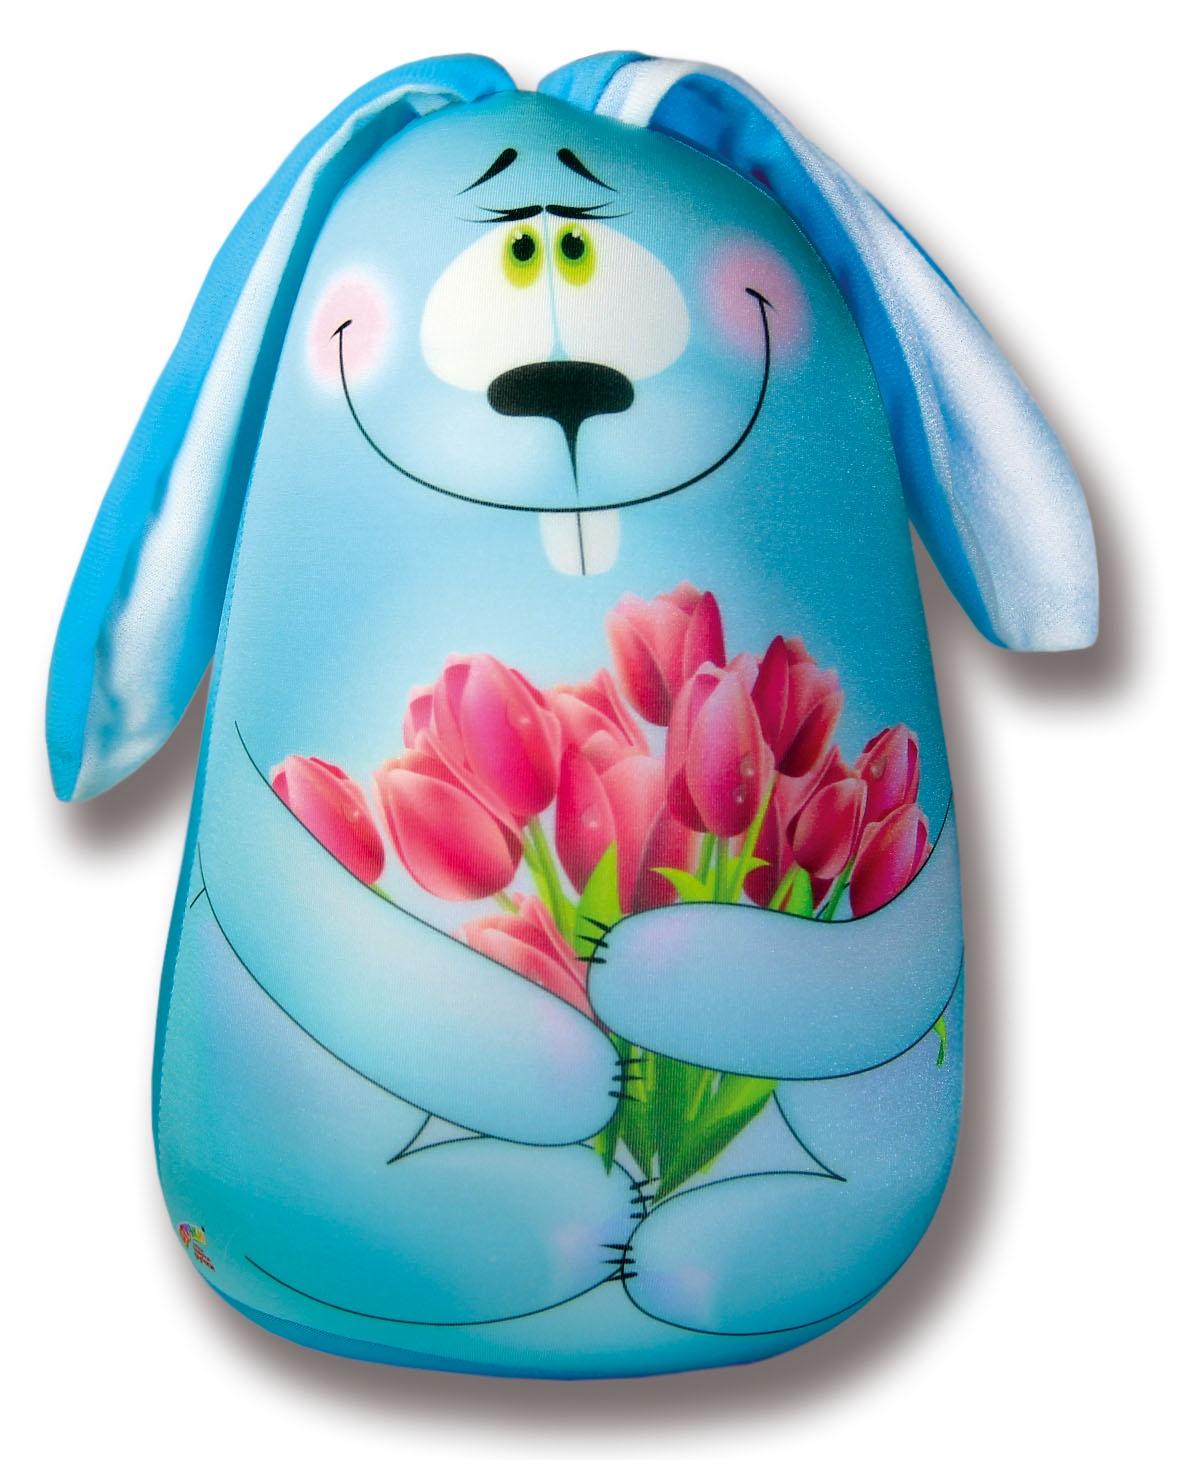 Подушка-игрушка Штучки, к которым тянутся ручки антистрессовая Элвин, голубой